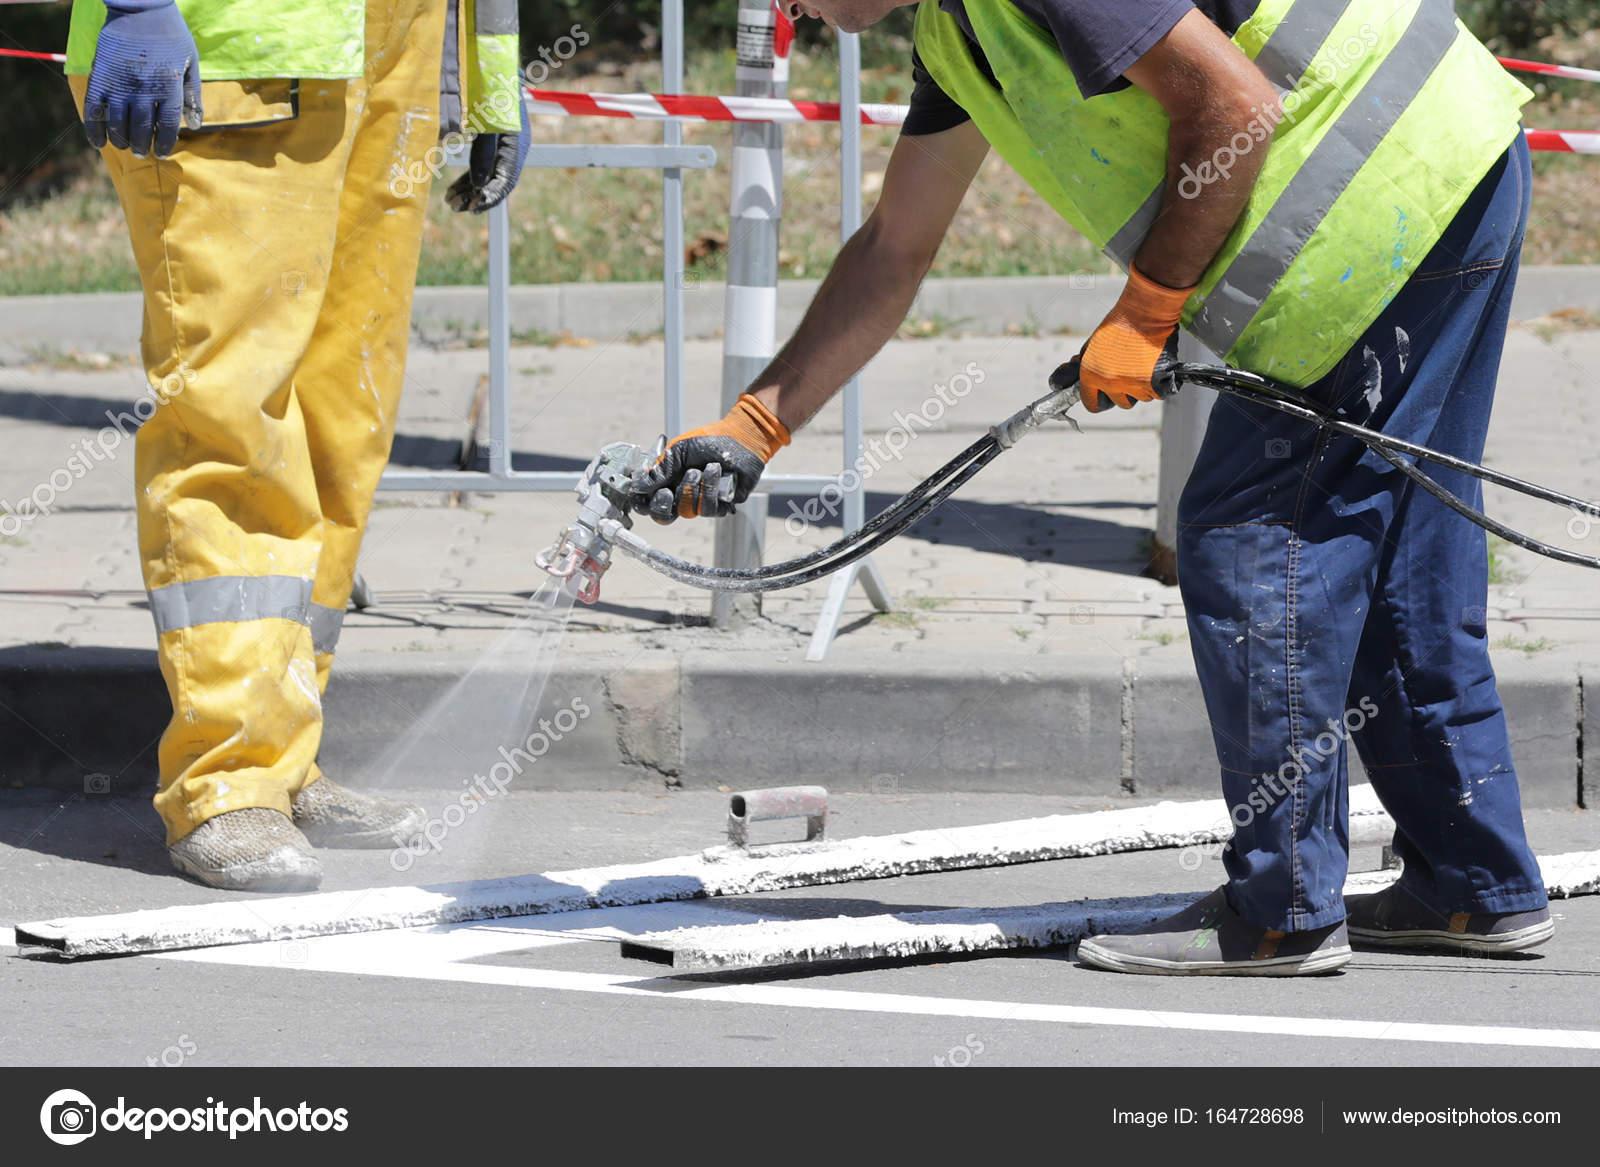 Dipingere Strisce Parcheggio : Lotto di parcheggio striscia pittura sul nuovo asfalto u foto